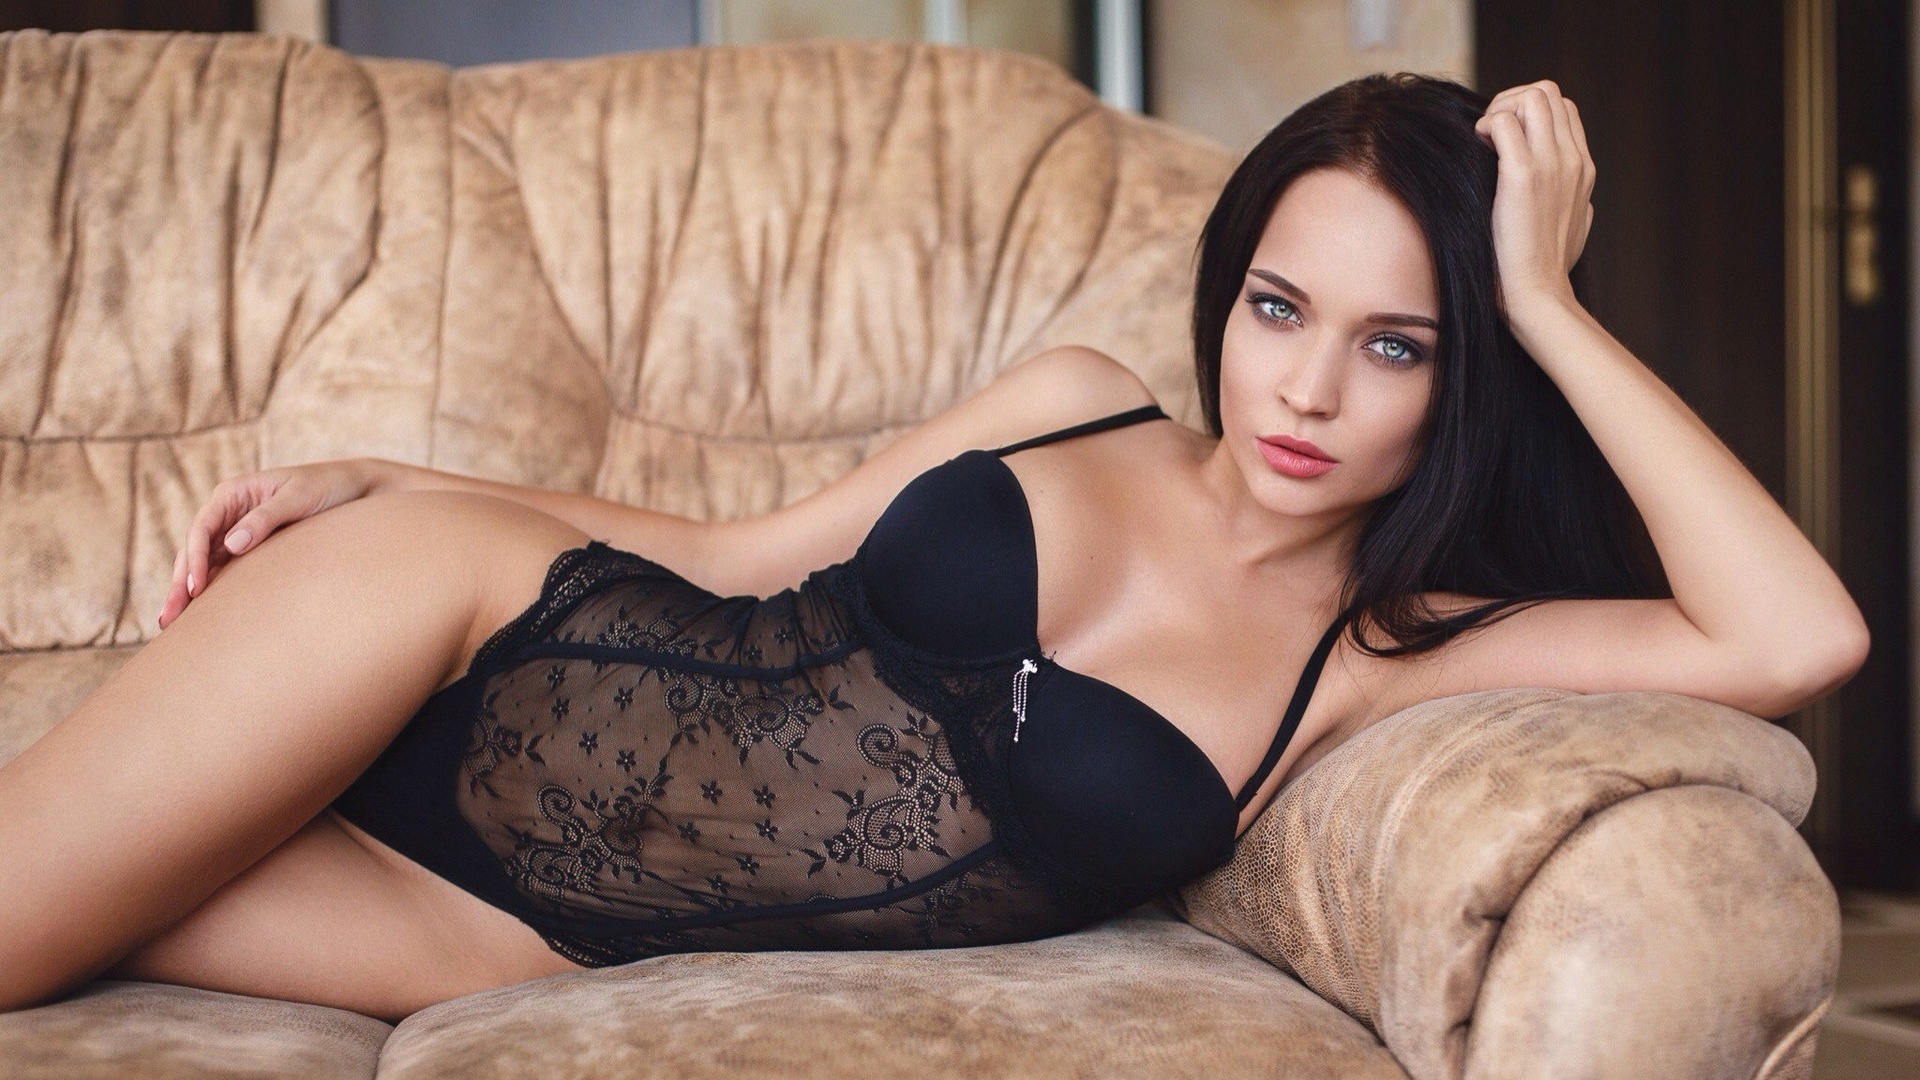 девушка, ангелина петрова, украинка, брюнетка, боди-слип, кружева, бюстгальтер, сетка, полупрозрачная, beauty, красивая, привлекательная, диван, angelina petrova